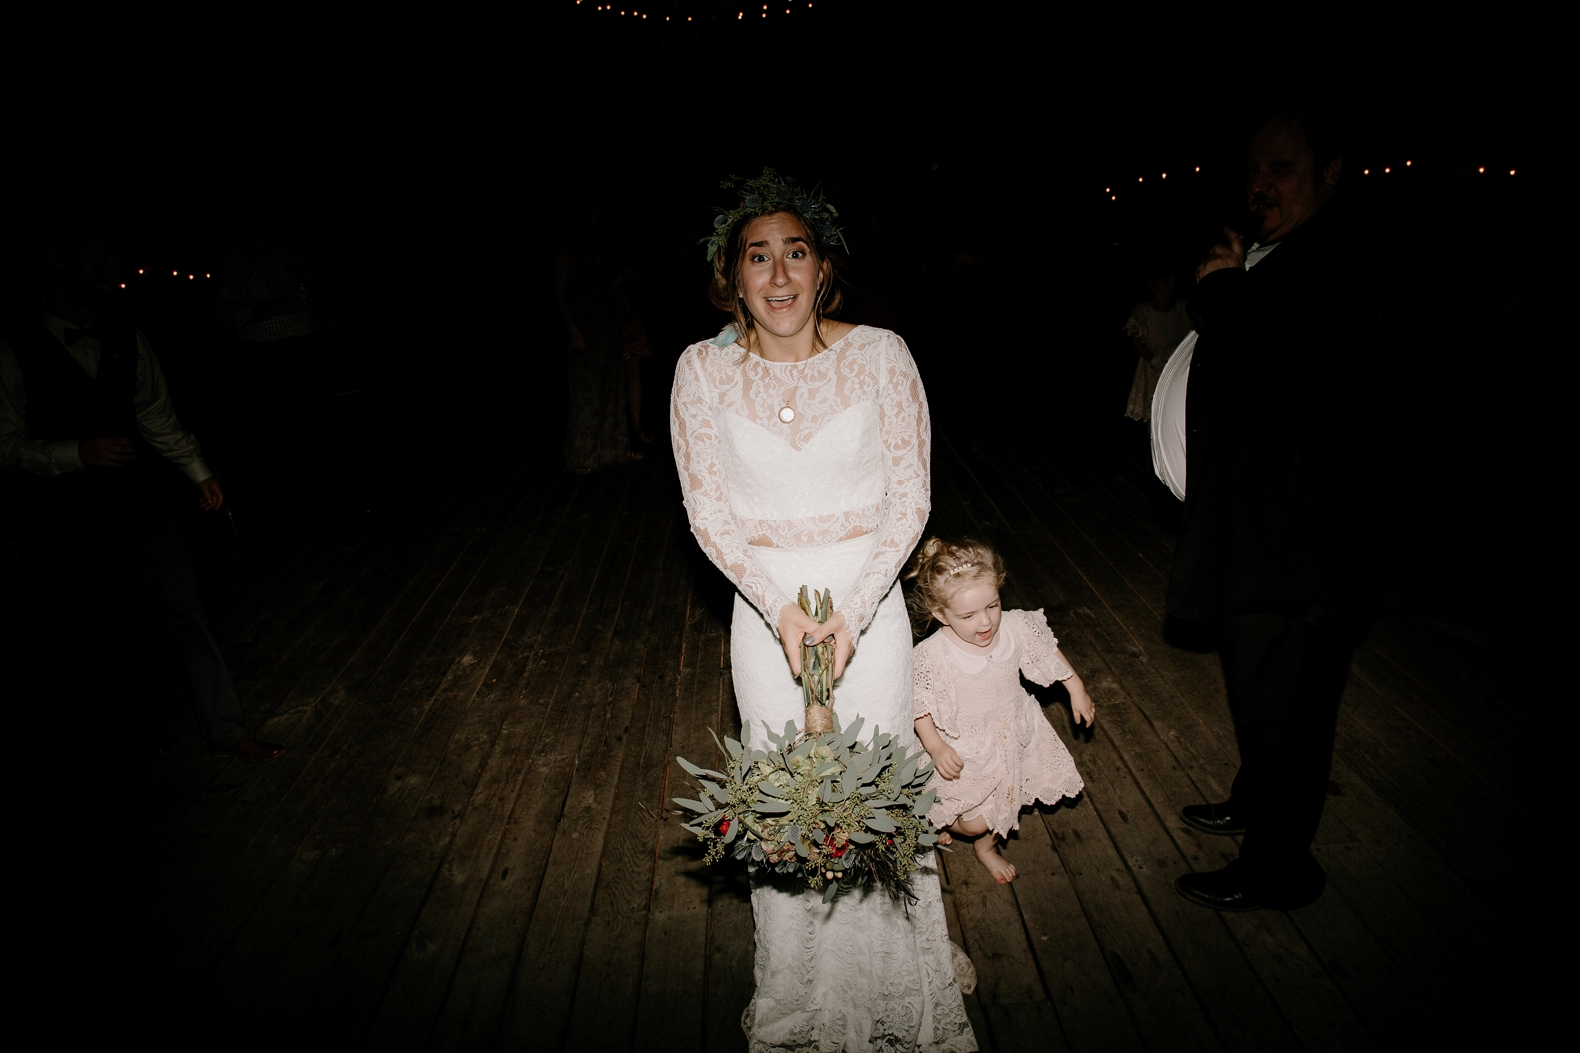 nashville-outdoor-wedding-0109